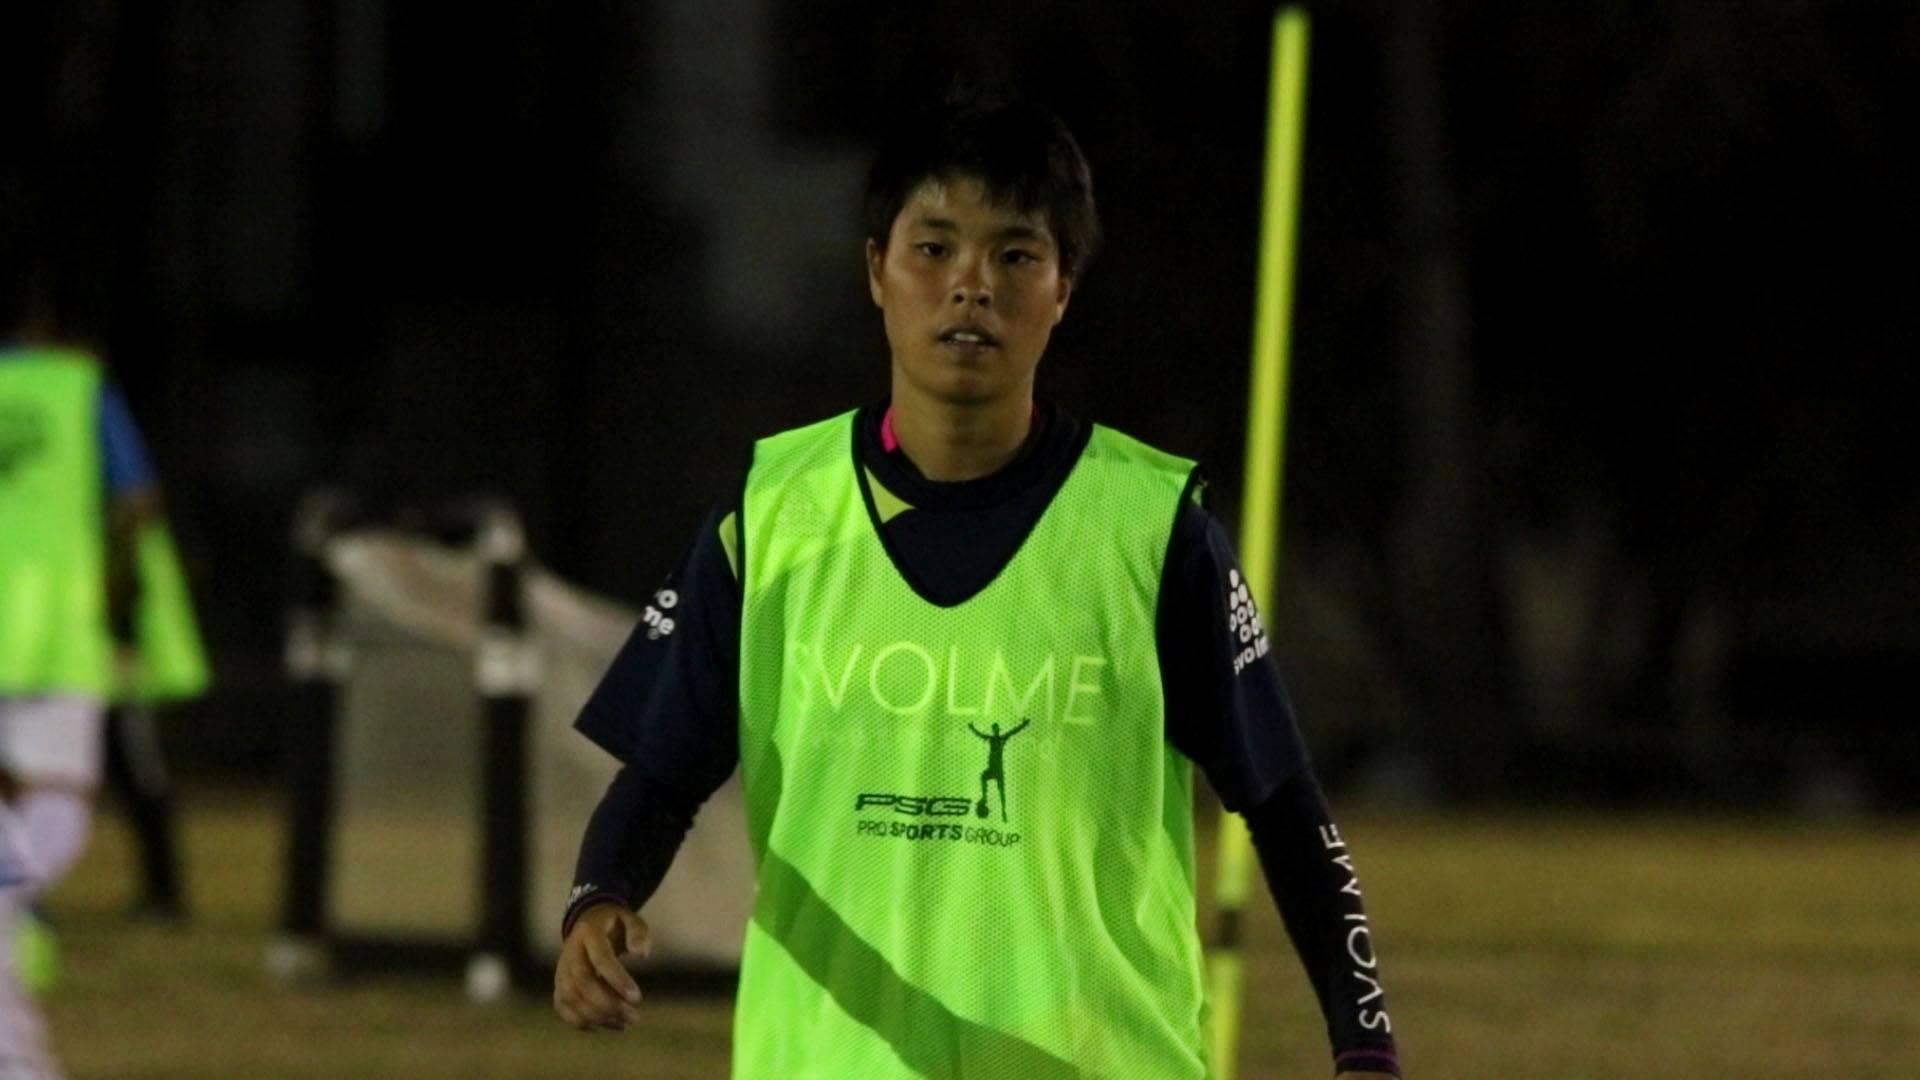 オーストラリア短期サッカー英語留学石本真里奈